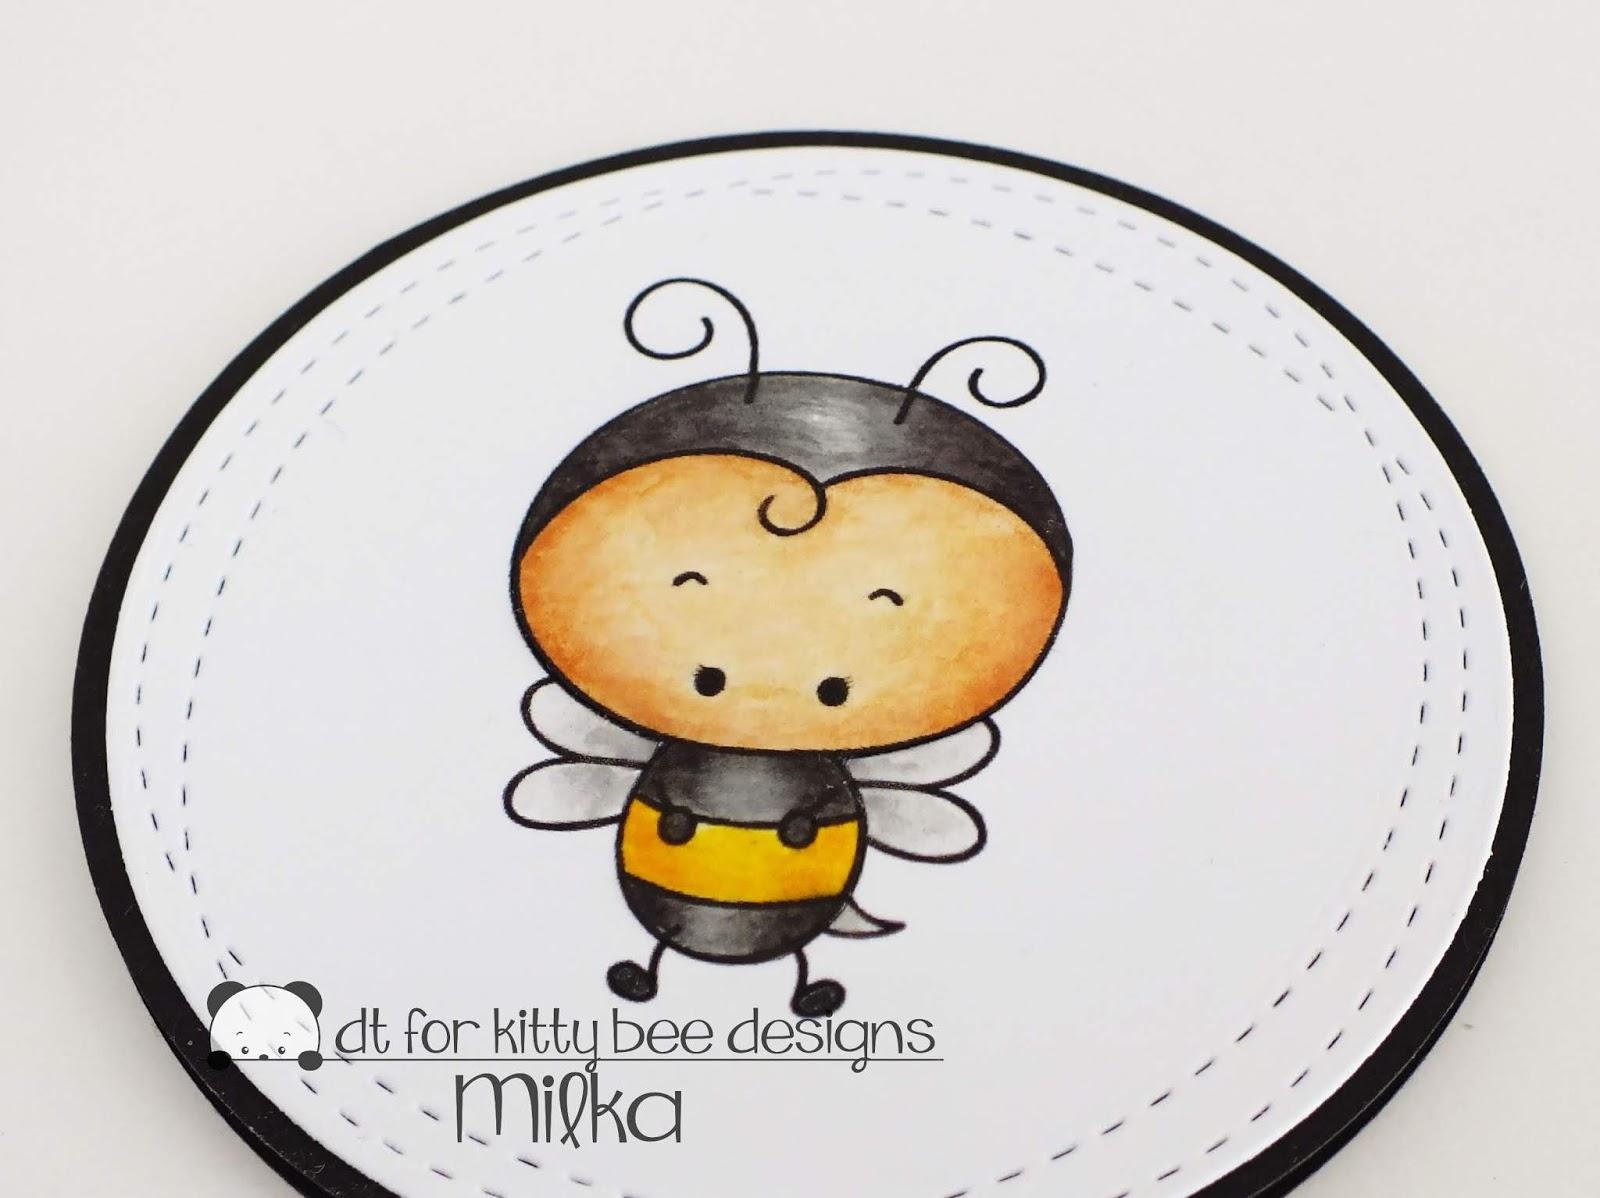 Crafty Milka Bumblebee Circle Card Kitty Bee Designs